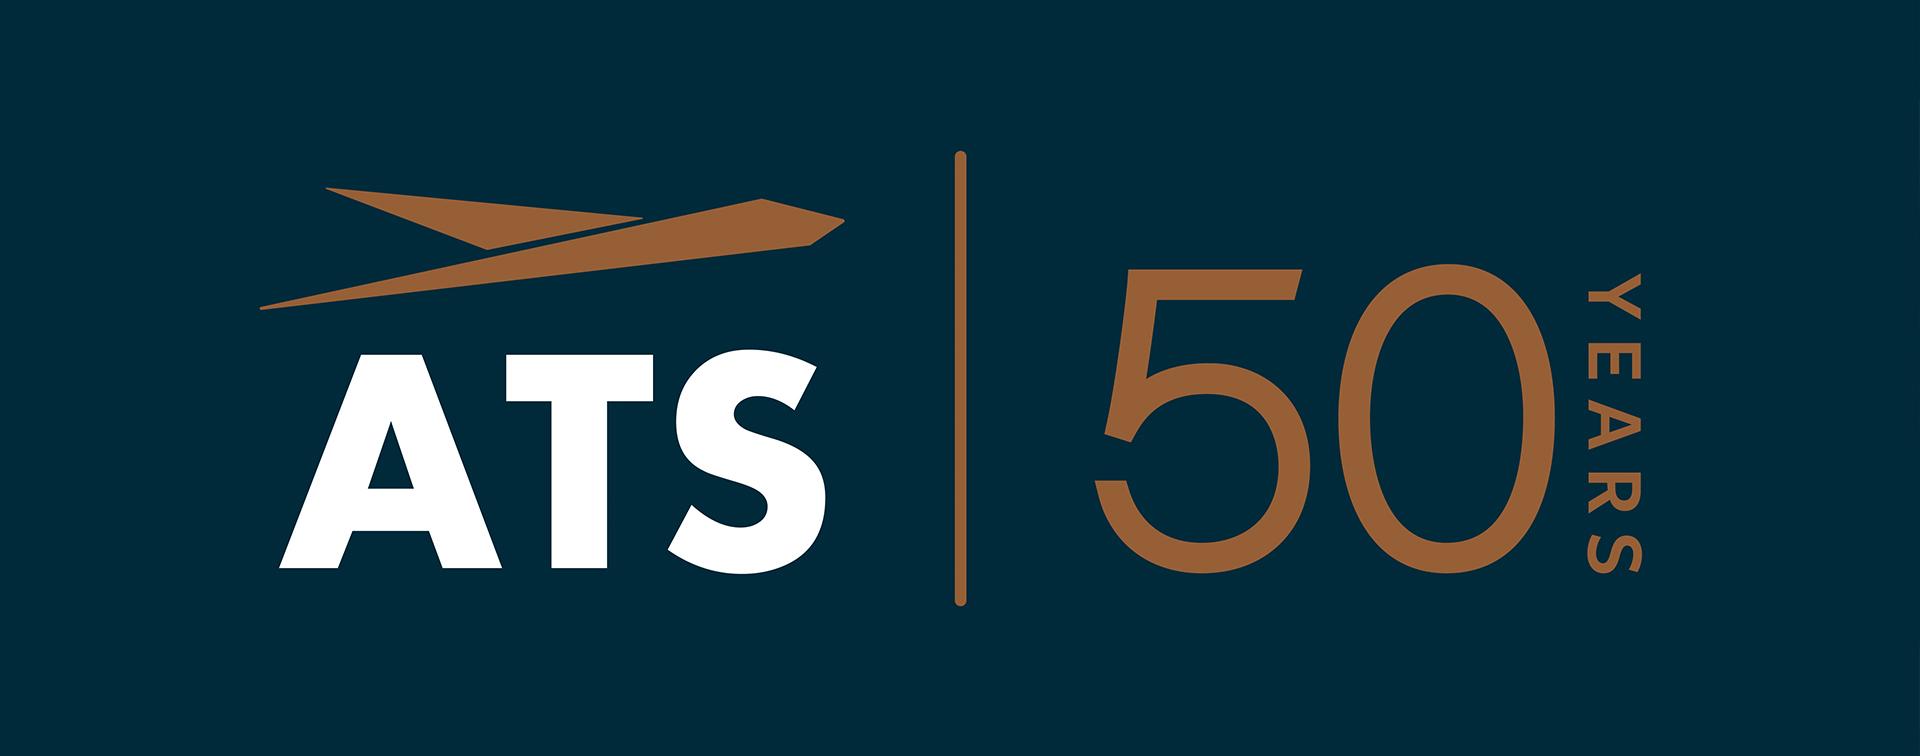 ats-logo-50